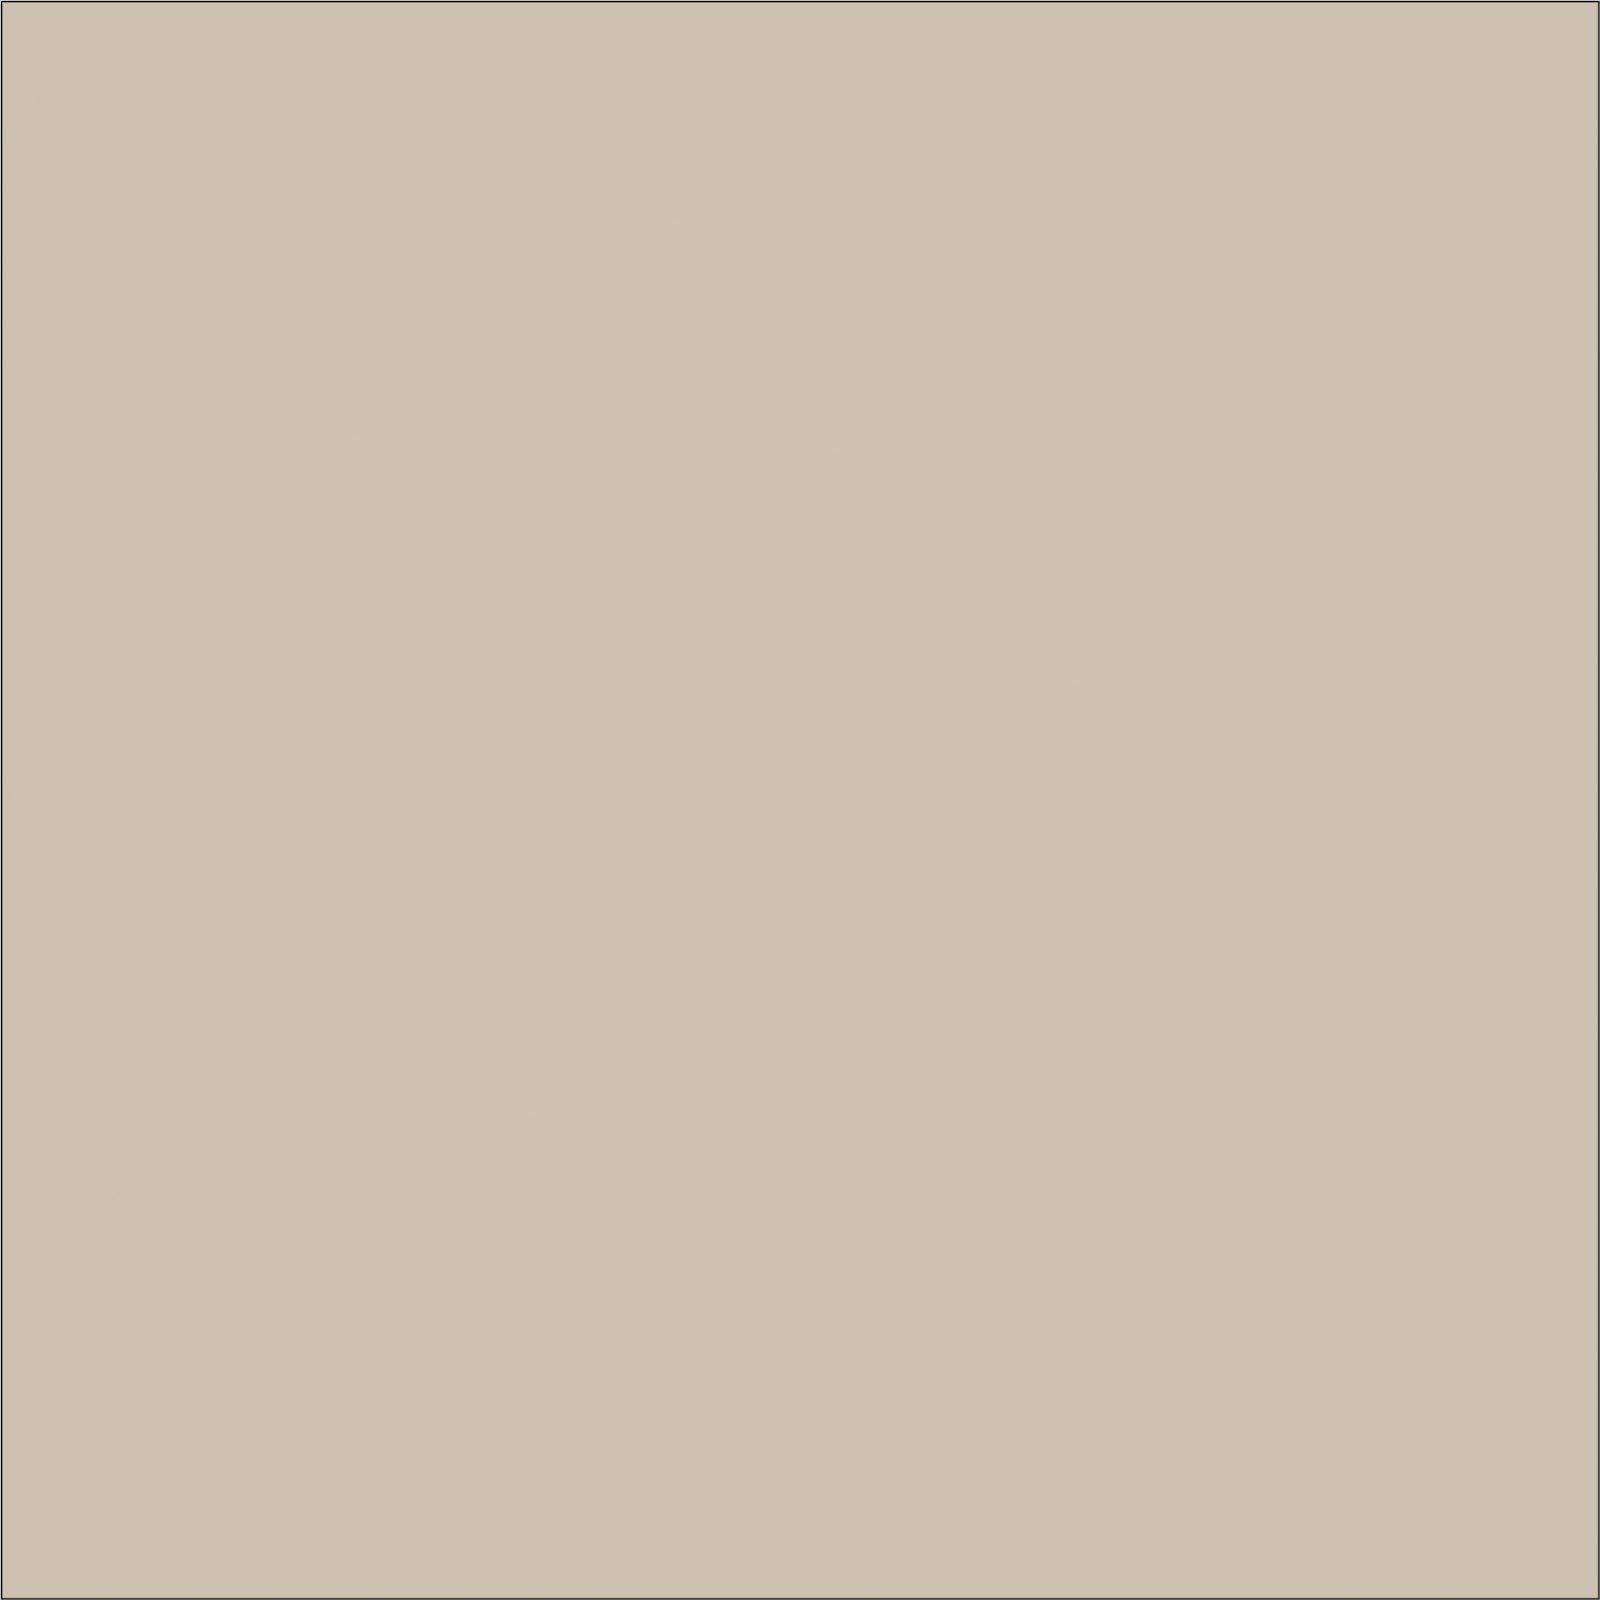 Colour swatch of Stonehenge